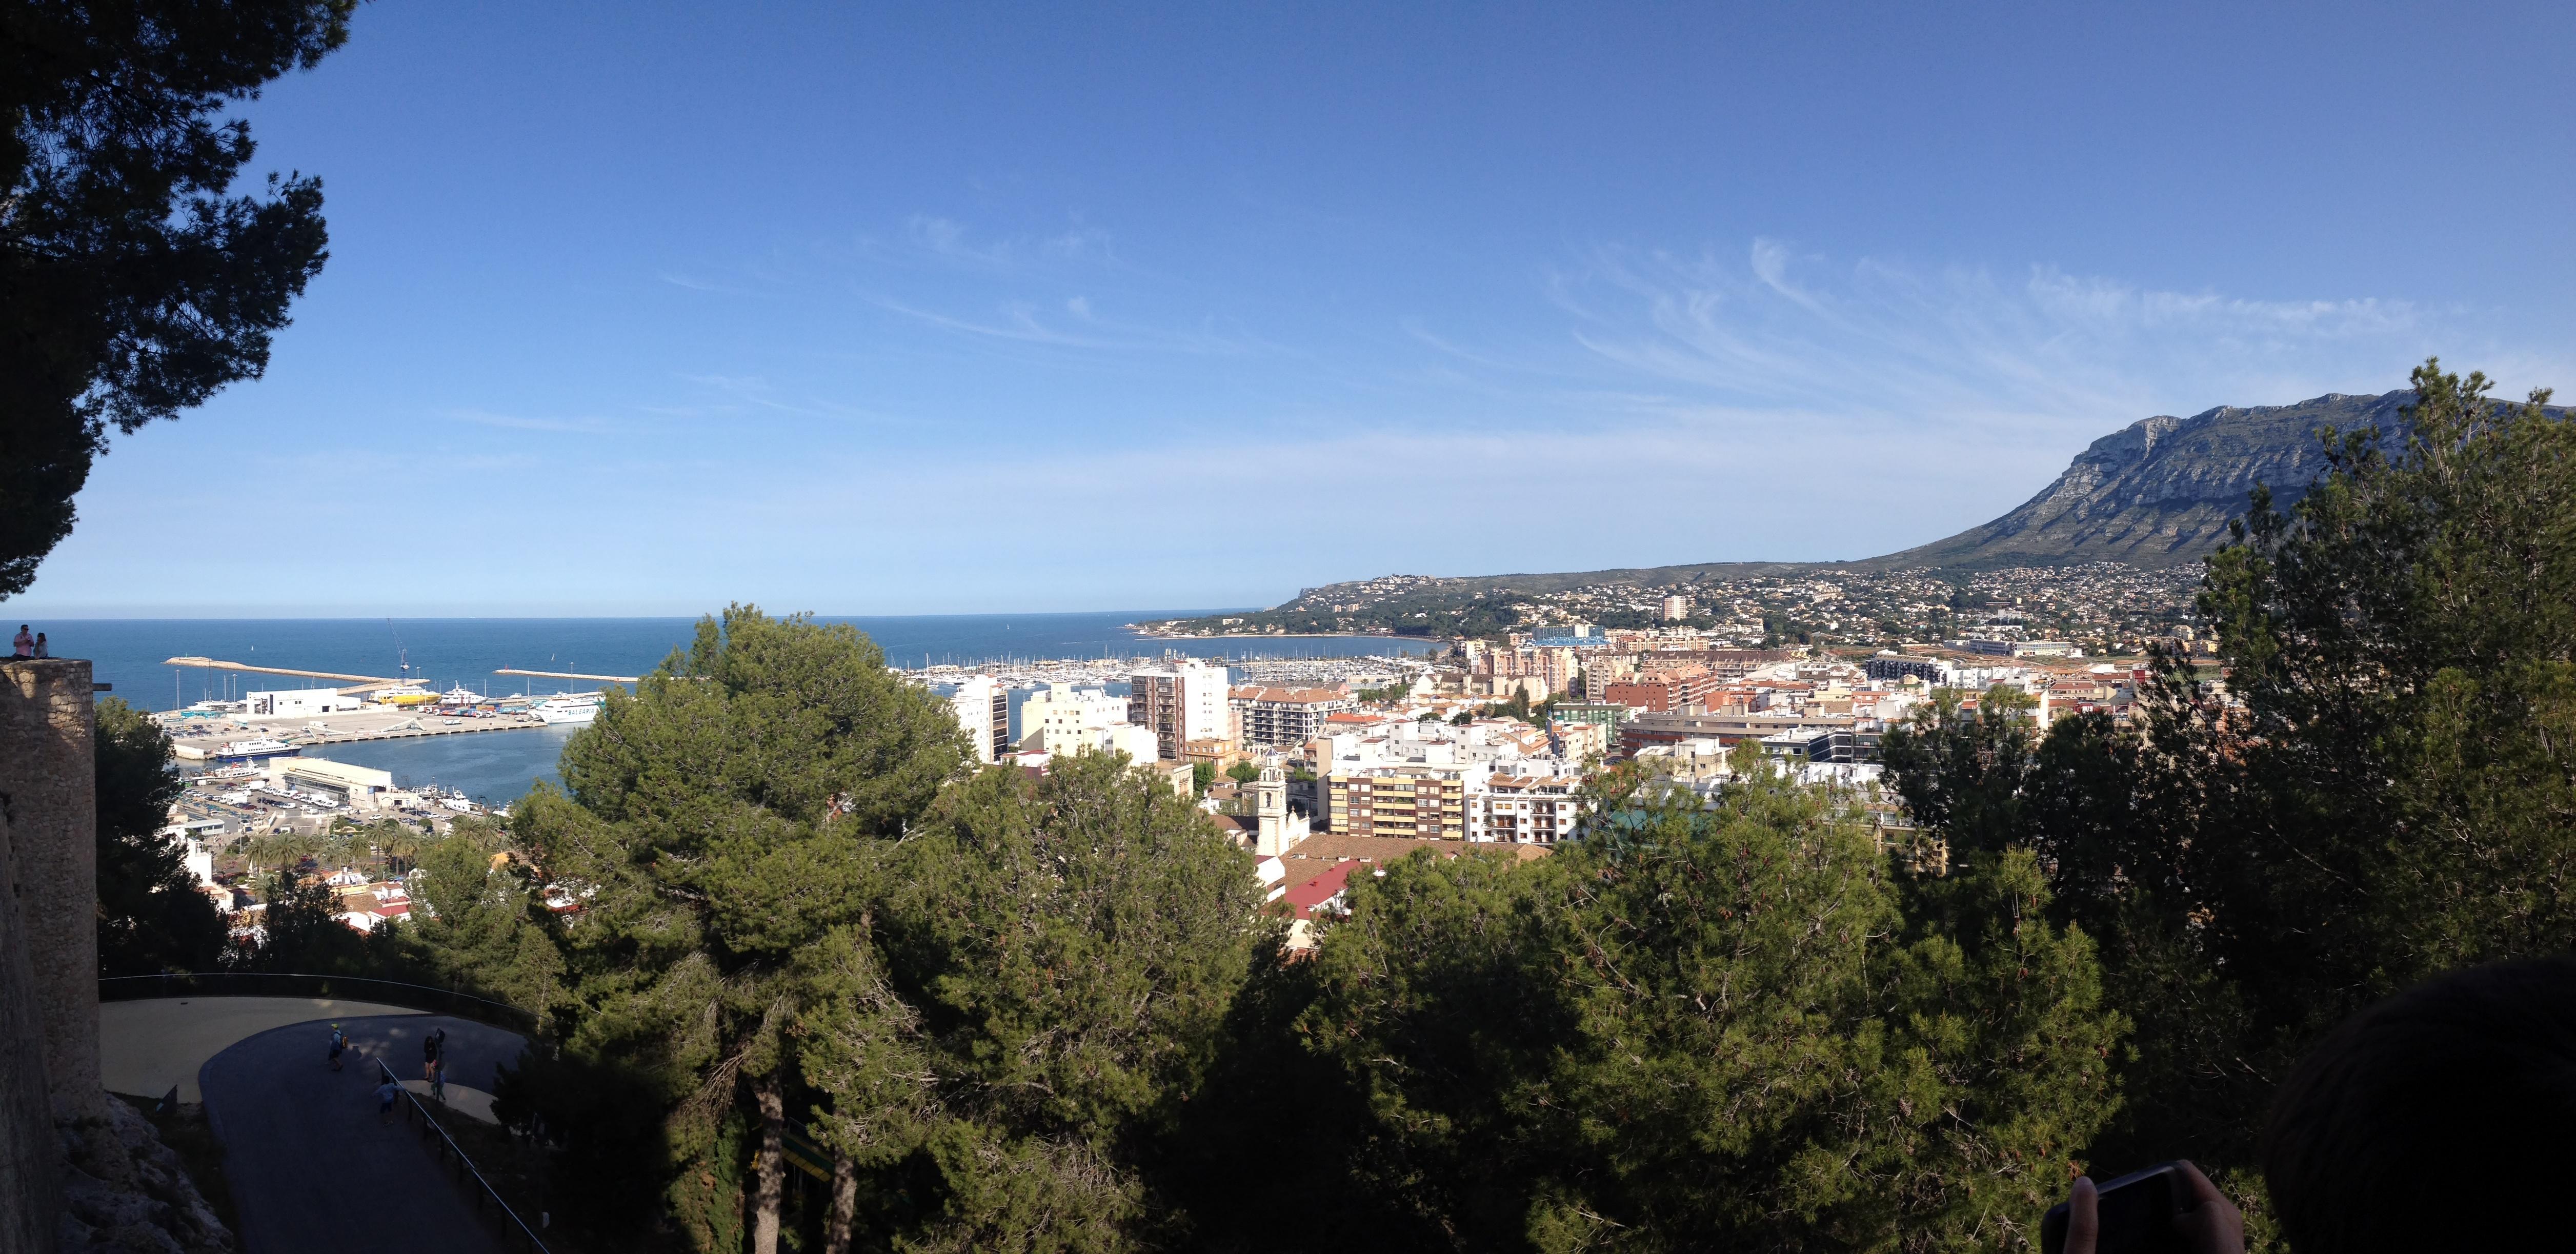 Vista panorámica de Dénia desde el castillo